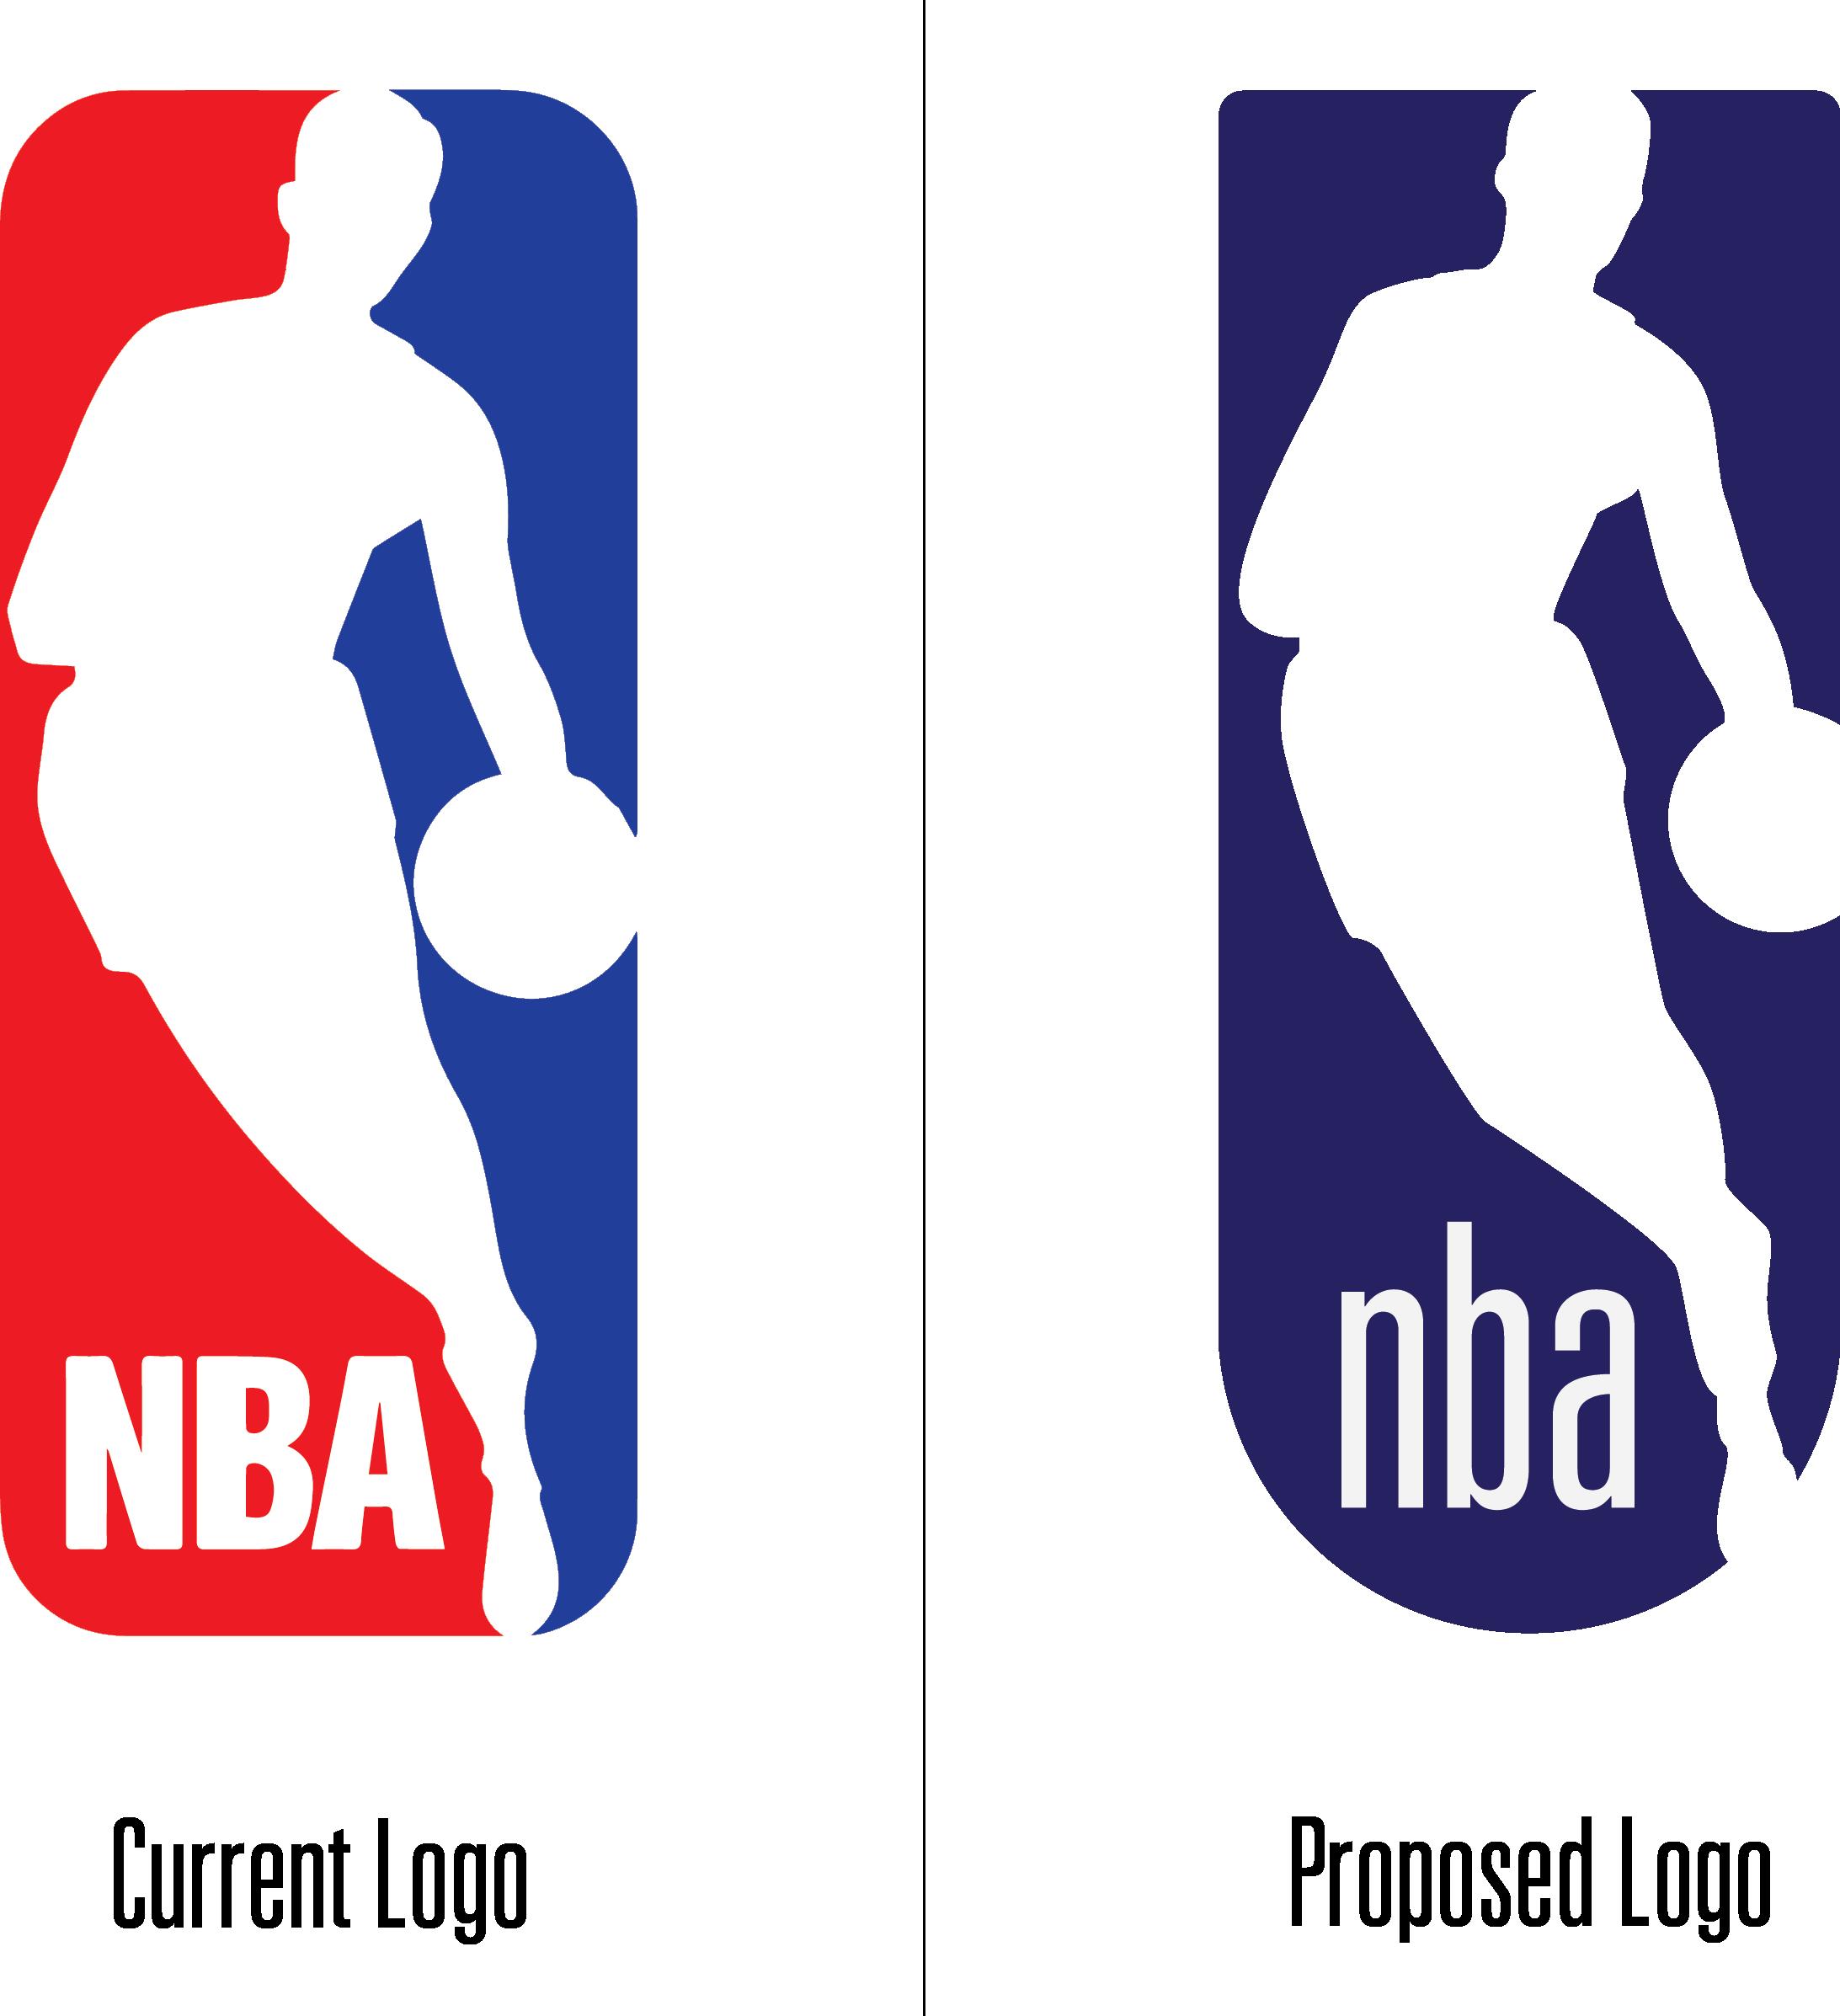 Nba logo transparent png » PNG Image.